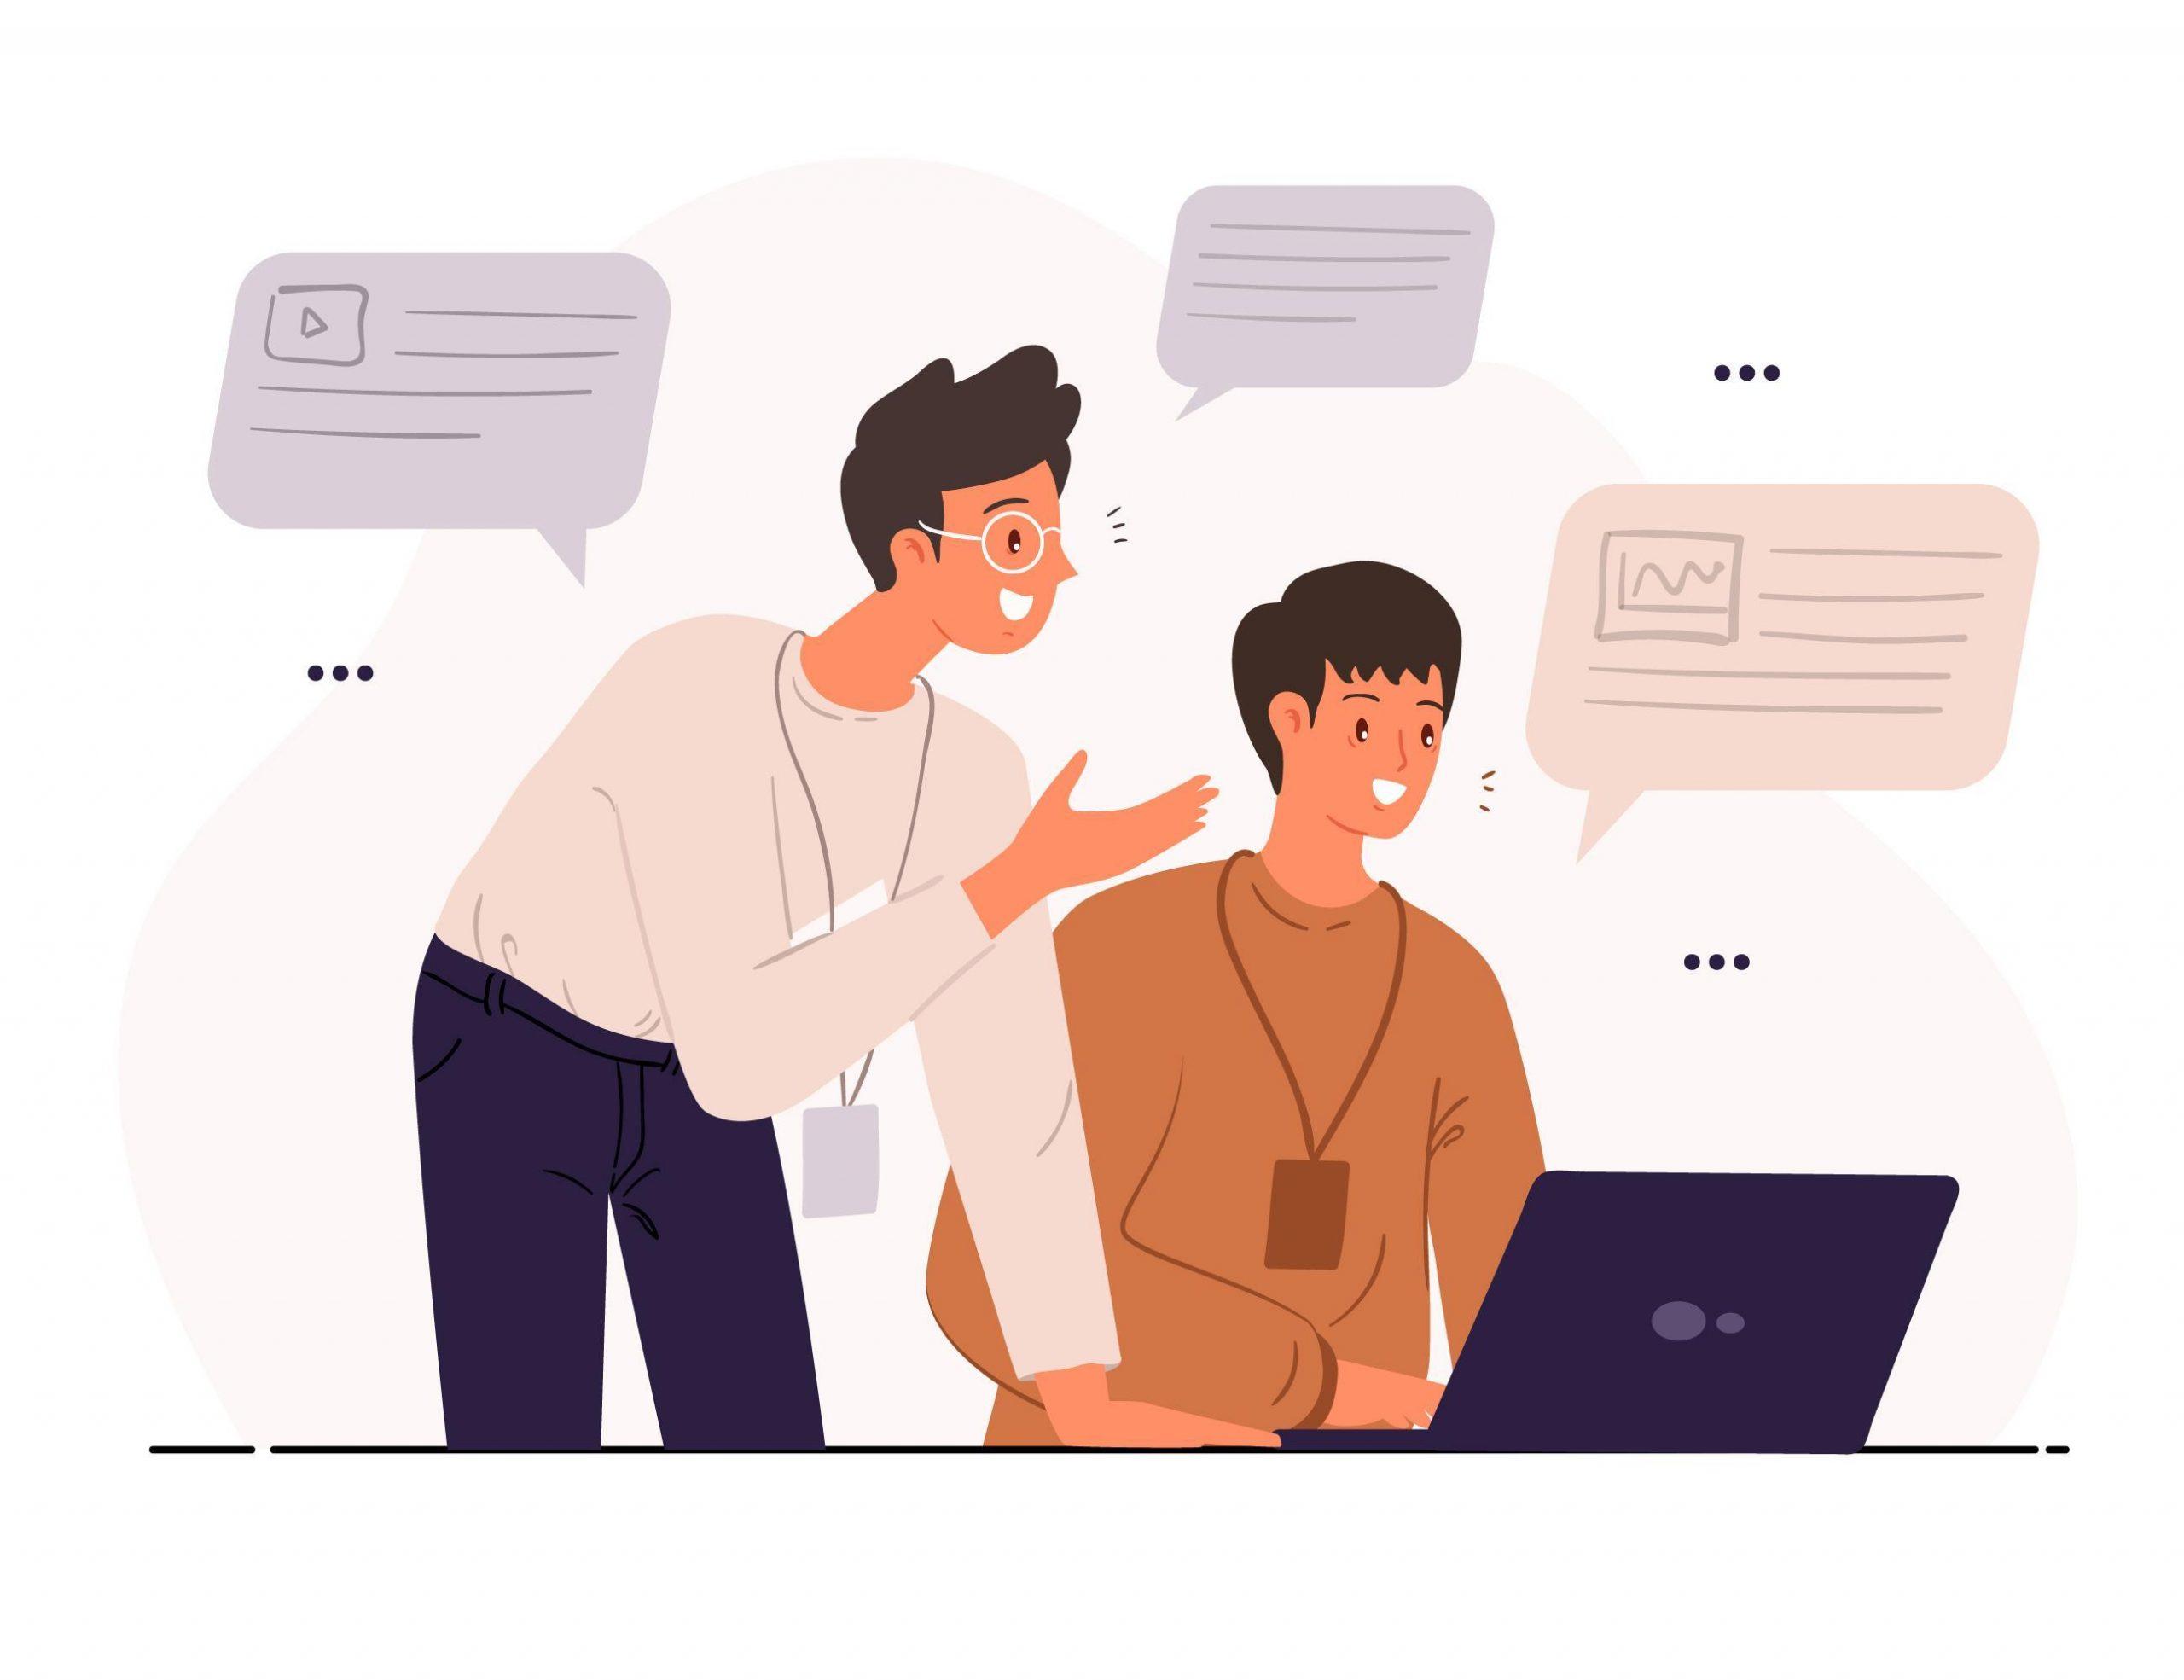 mentor i menti